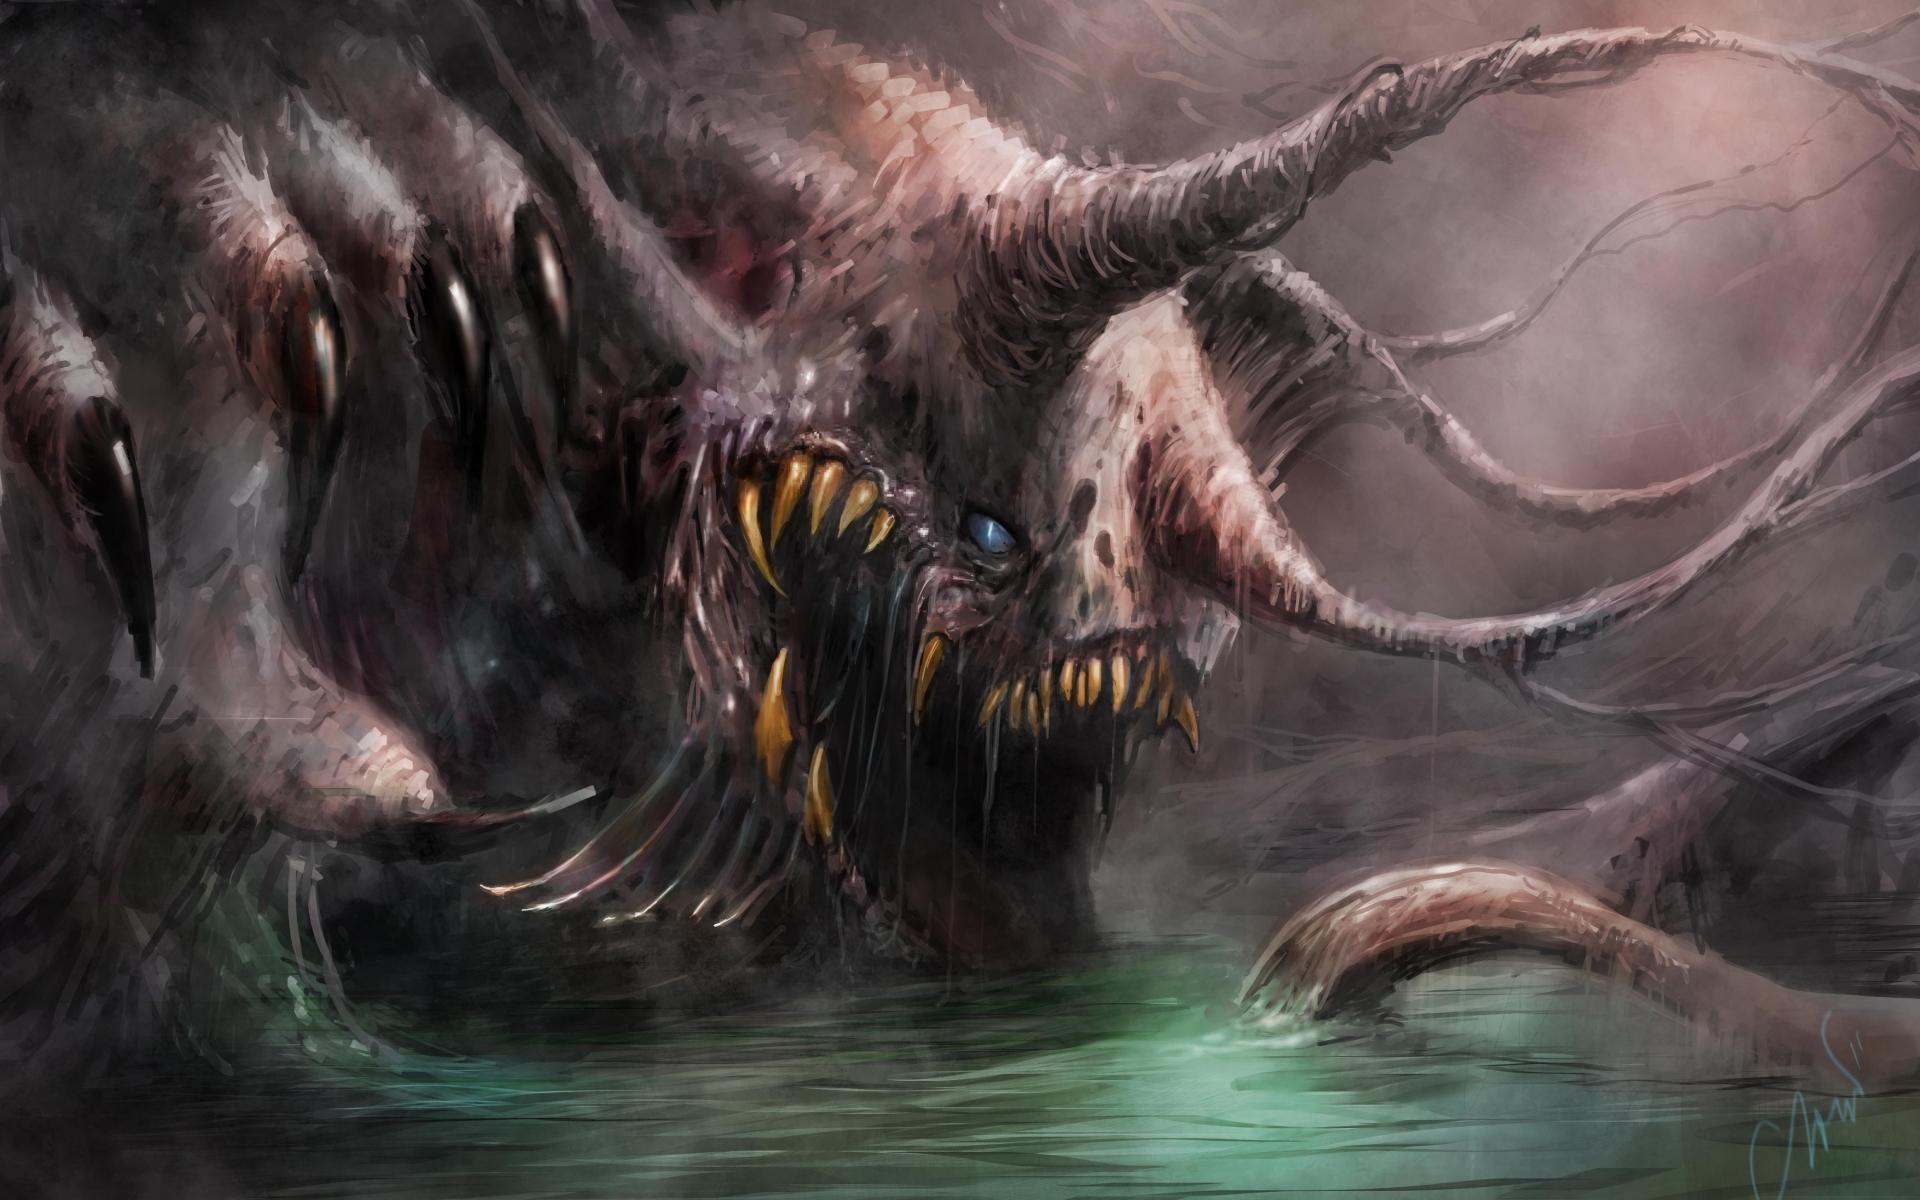 paintings landscapes illustrations fantasy art digital